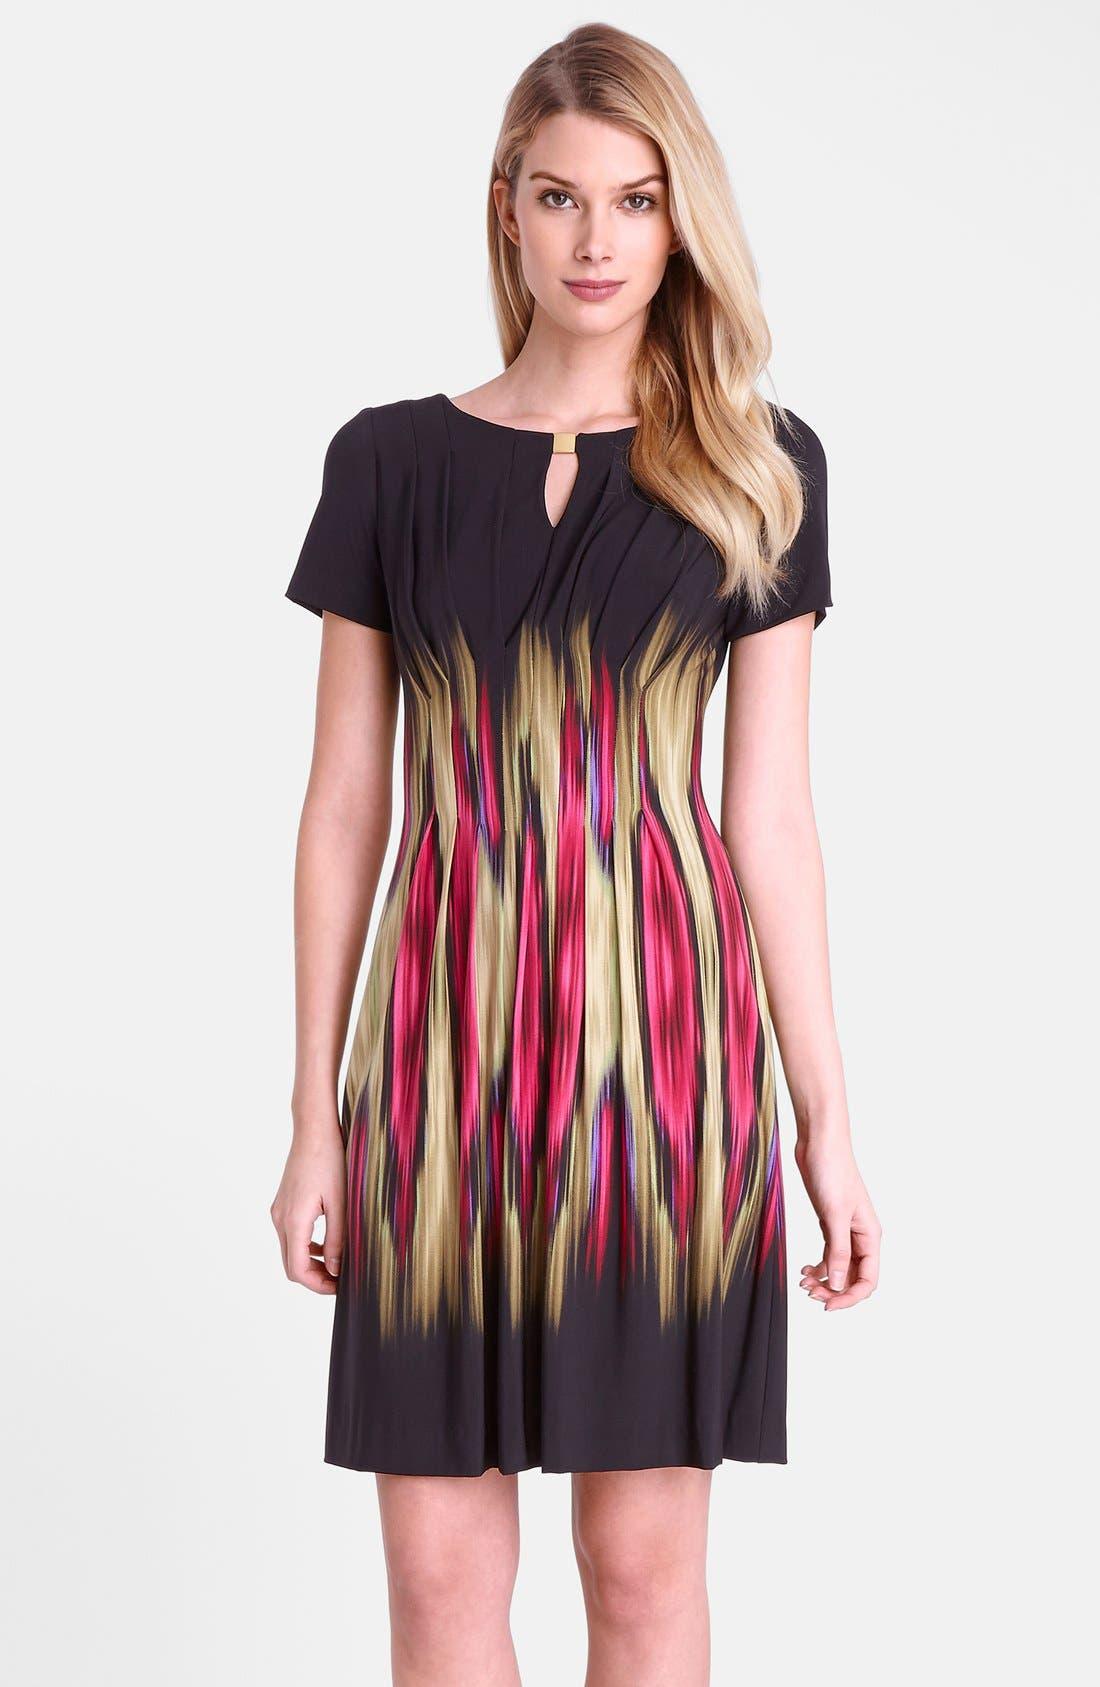 Alternate Image 1 Selected - Tahari 'Blur' Print Split Neck Sheath Dress (Regular & Petite)